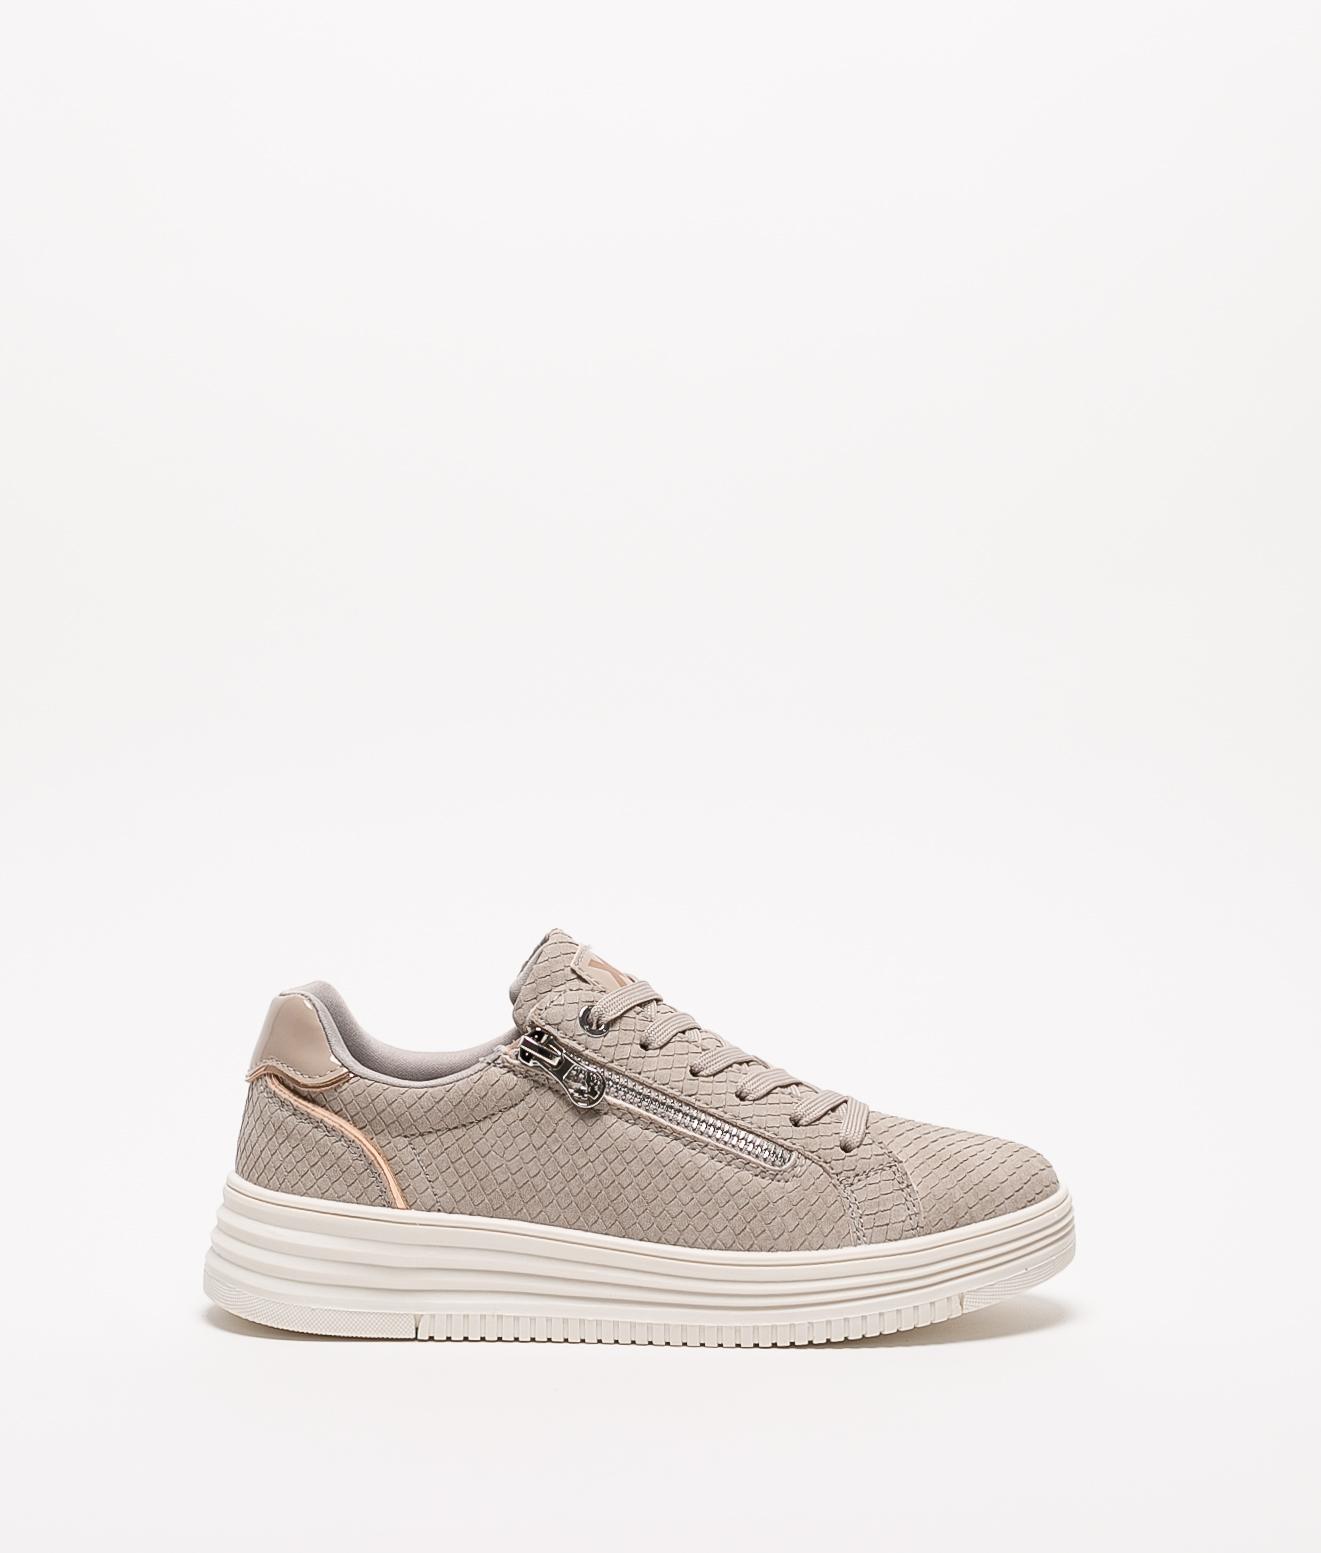 Sneakers Soule Xti - Rose